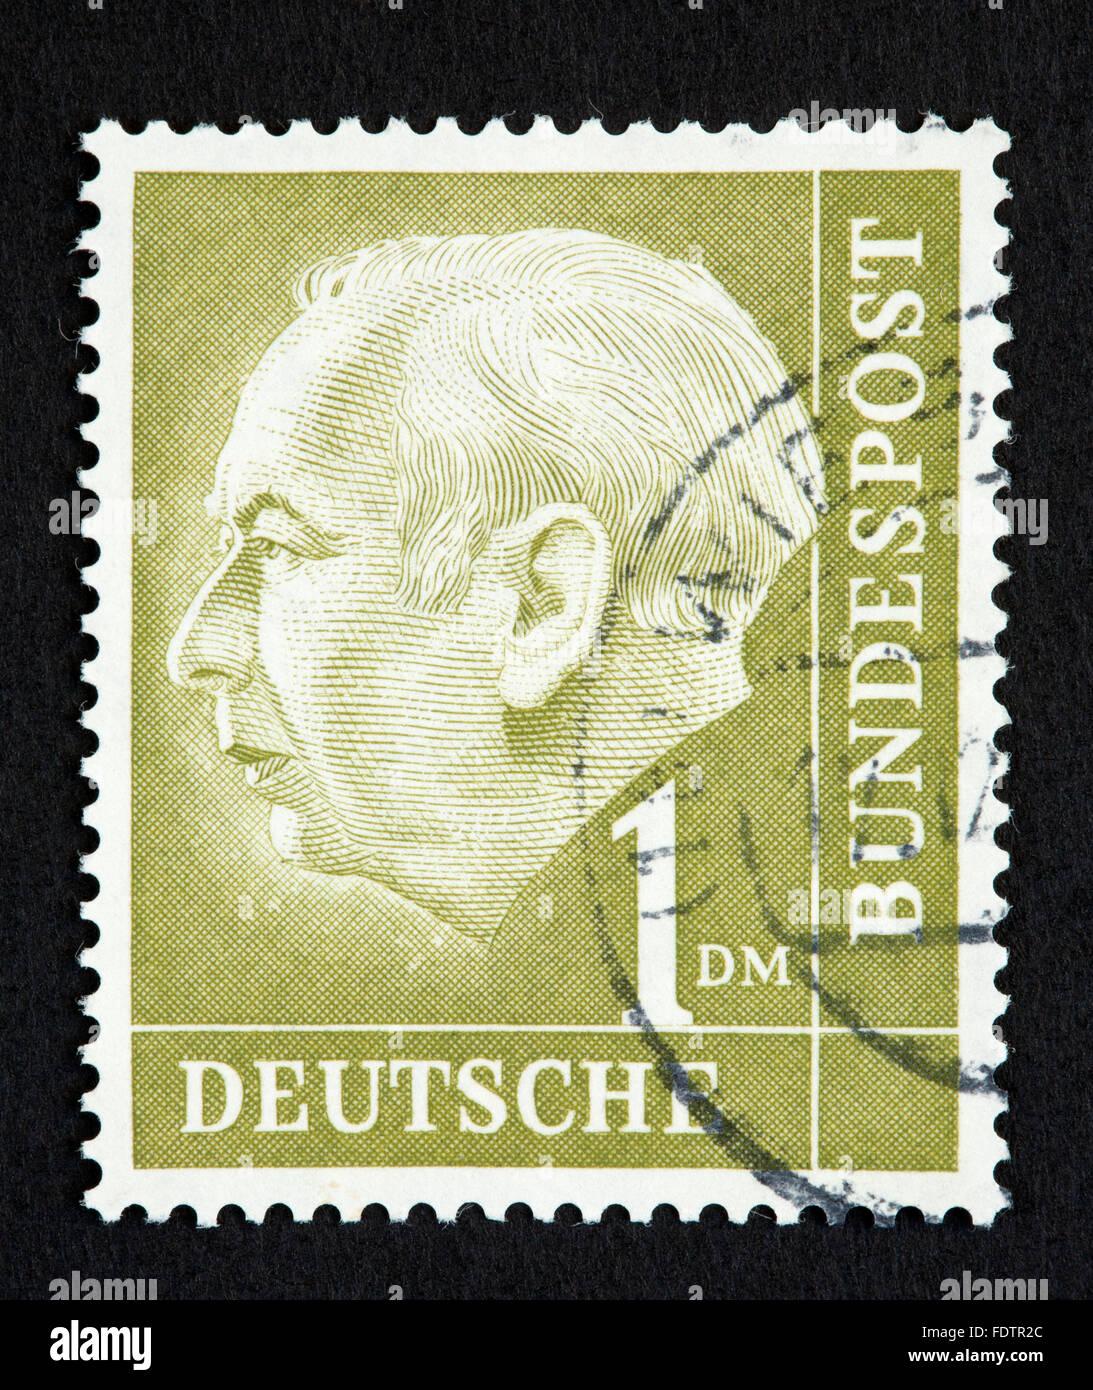 Deutsche Briefmarke Stockfoto Bild 94587316 Alamy